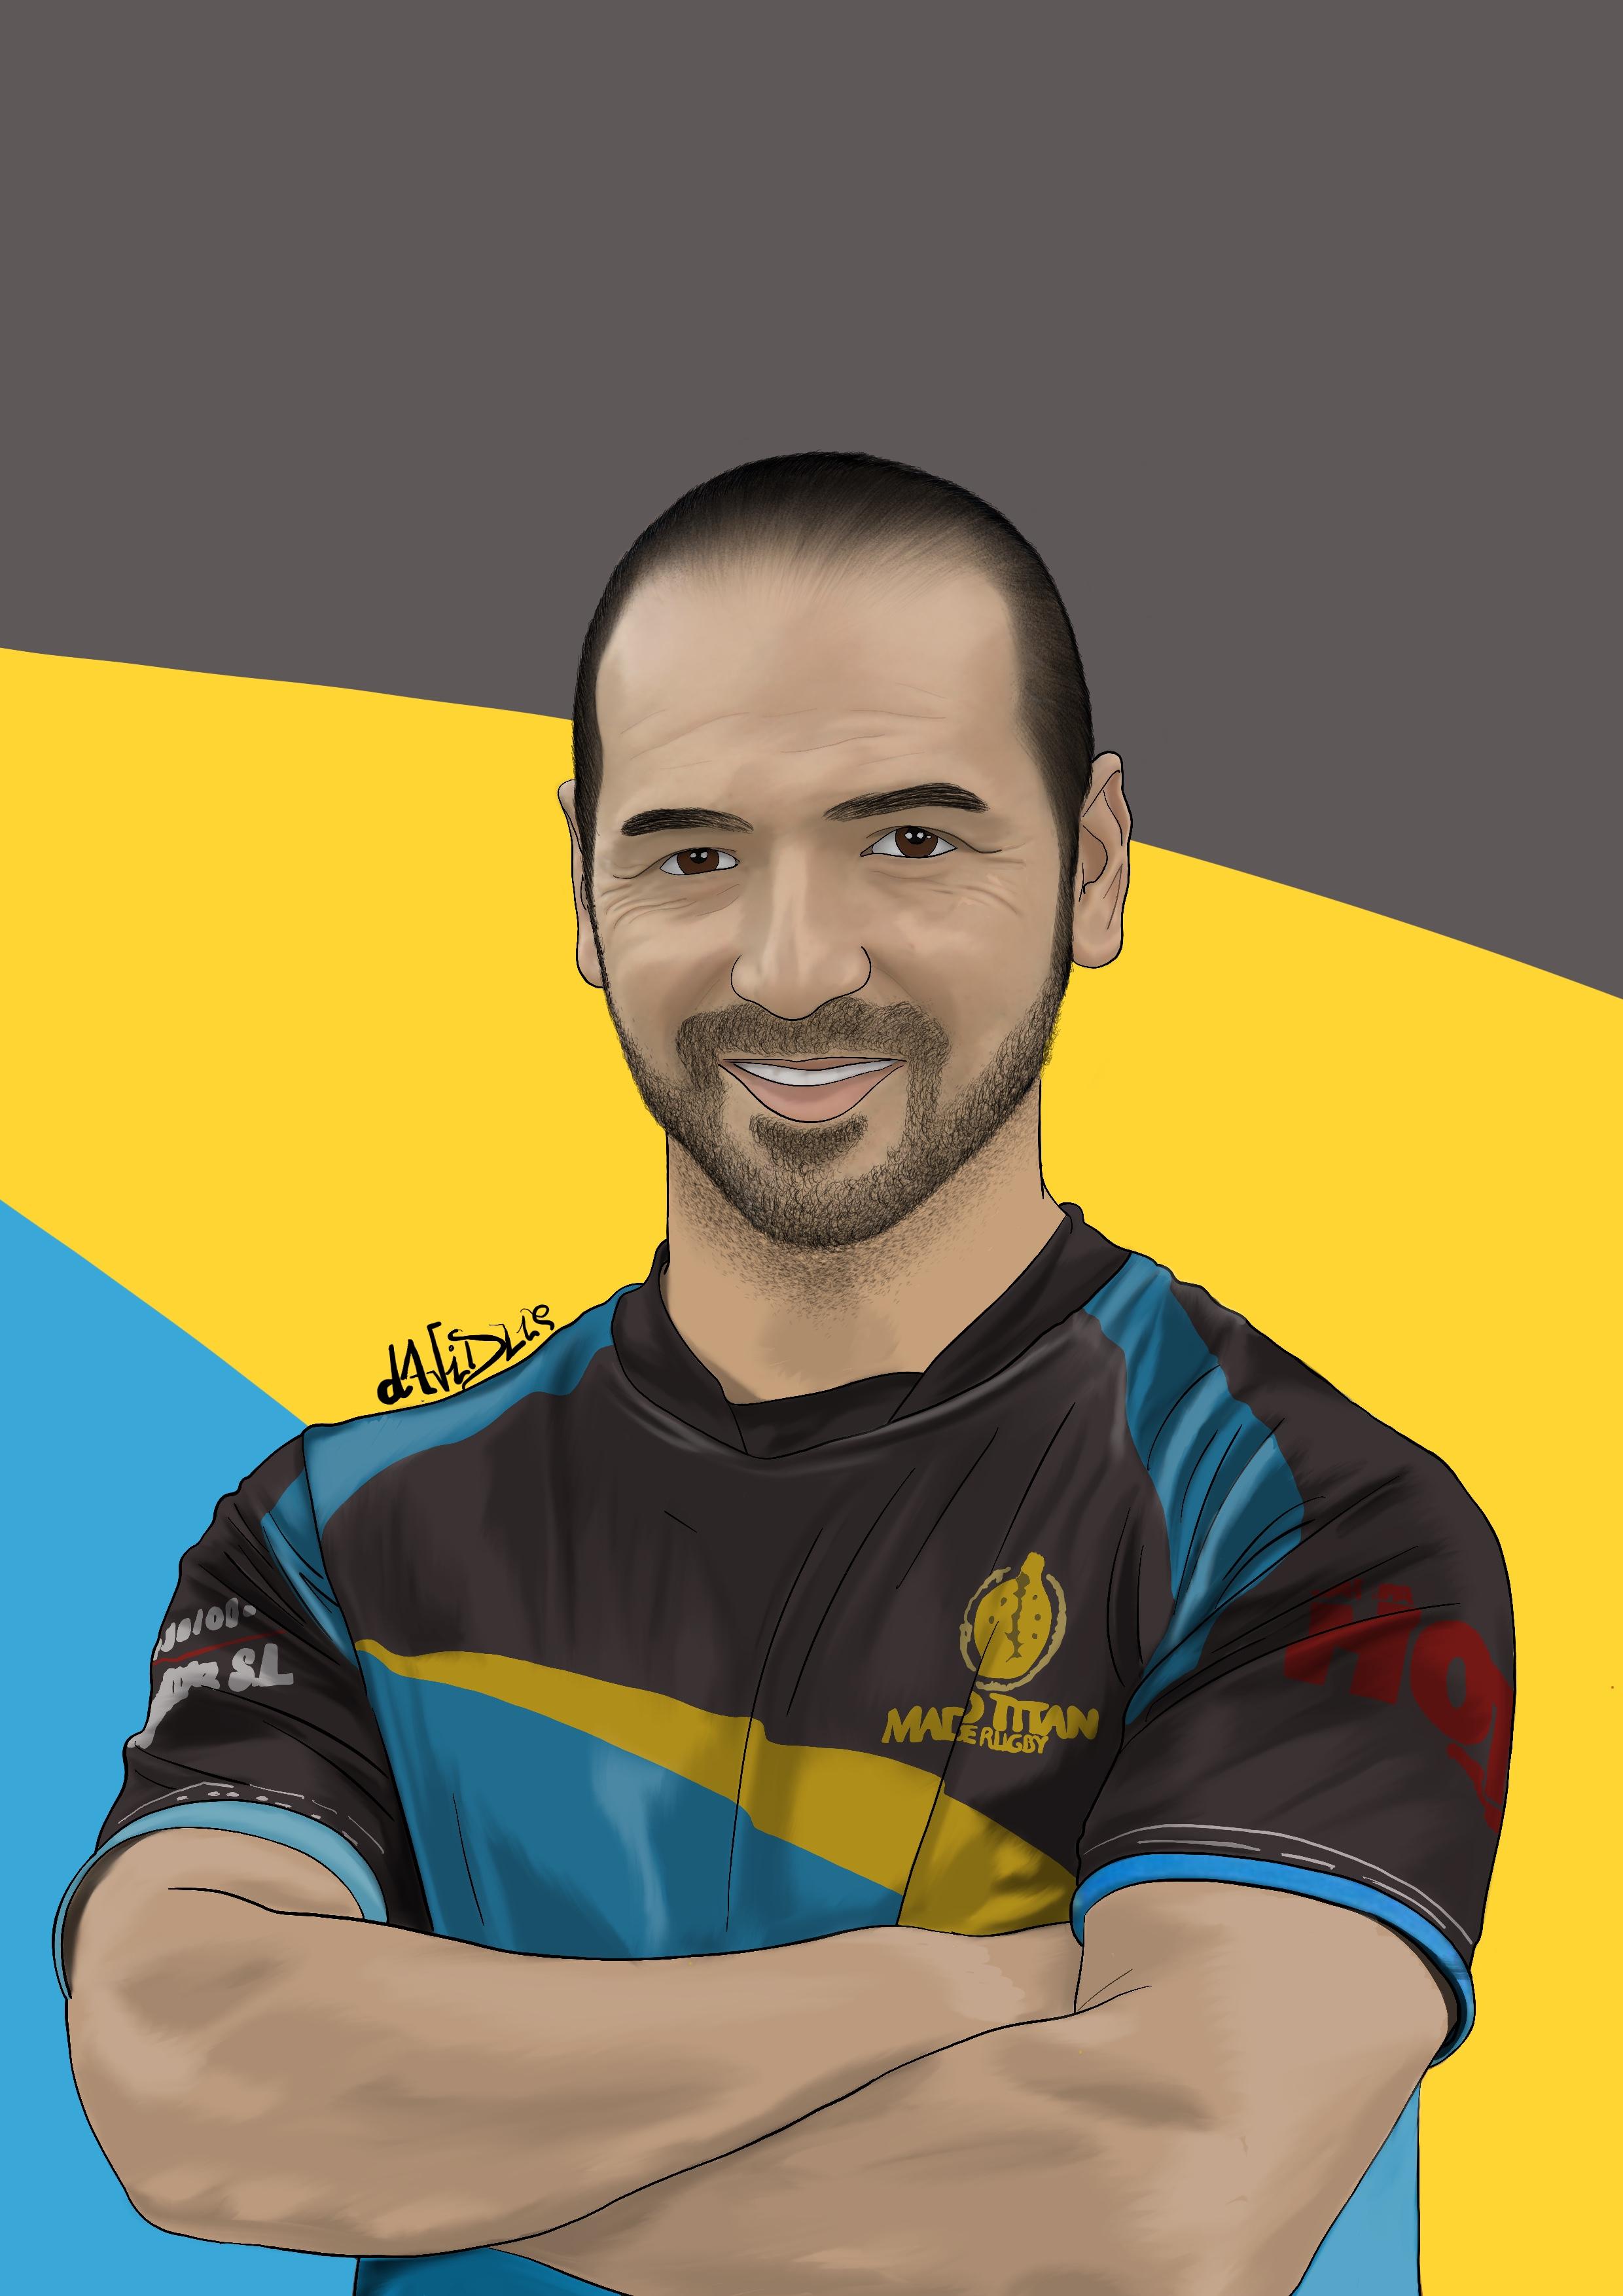 Retratos__David_Pallás_Gozalo_Futbolero.